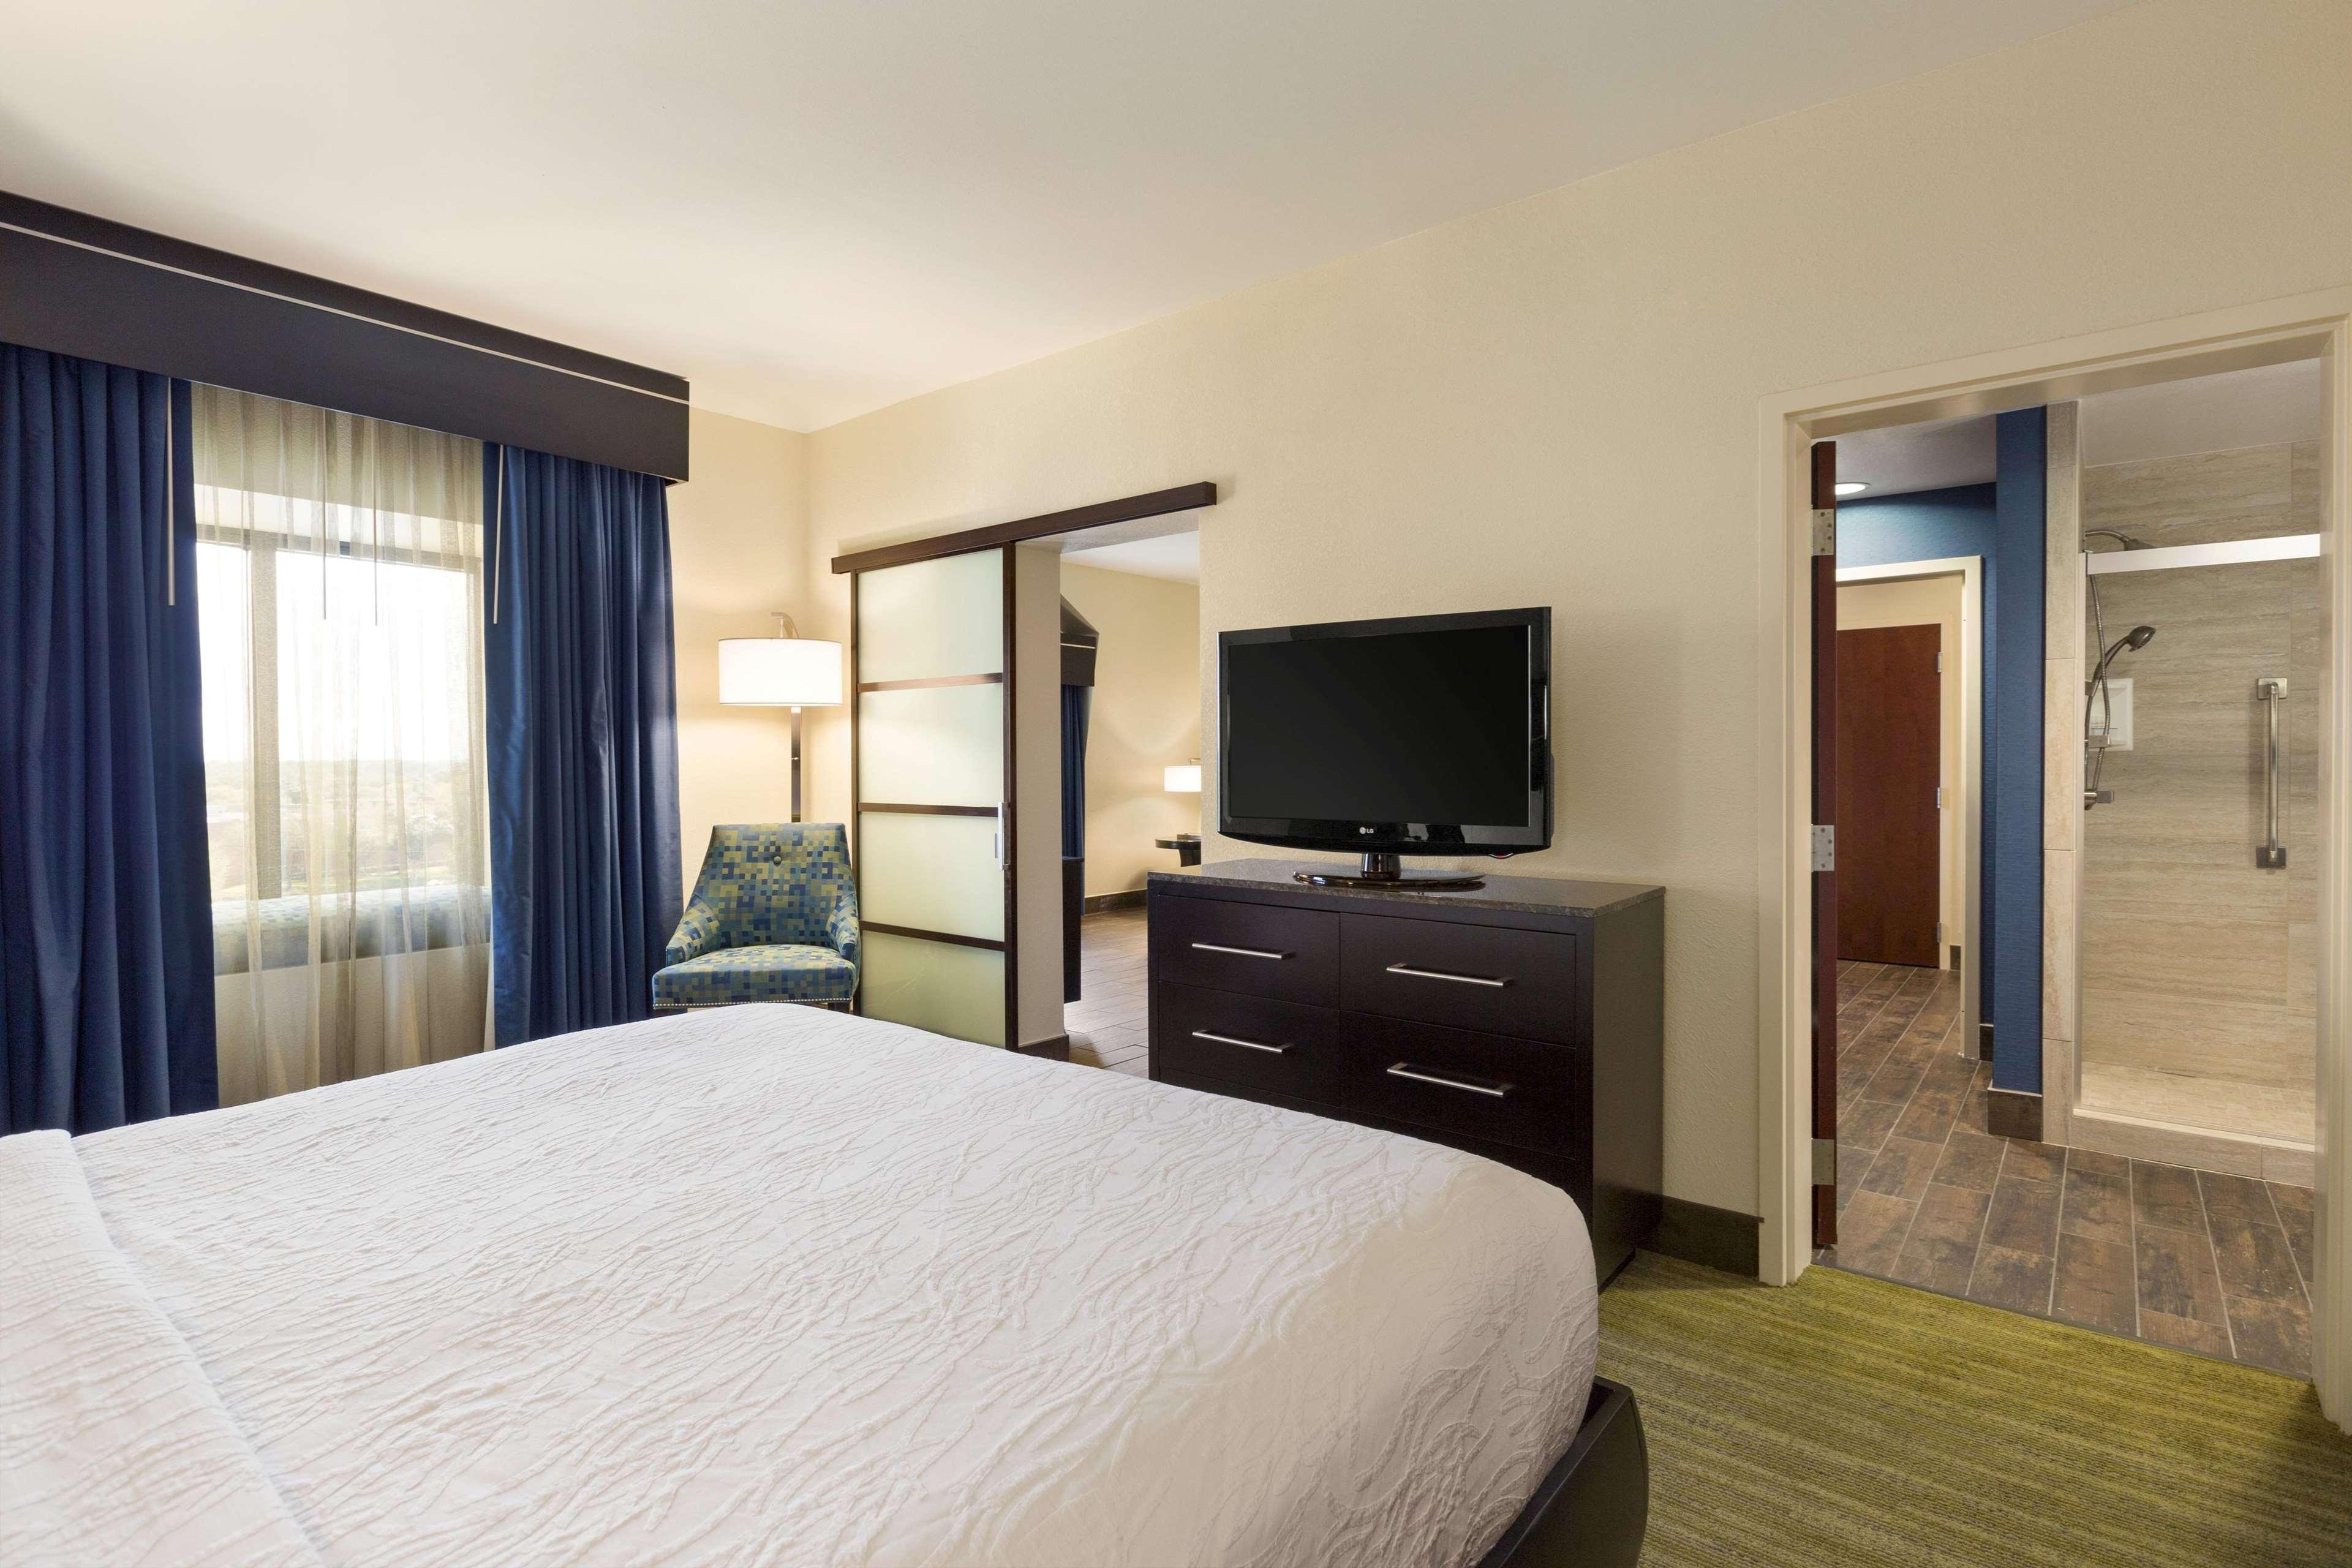 Hilton Garden Inn Houston NW/Willowbrook image 28